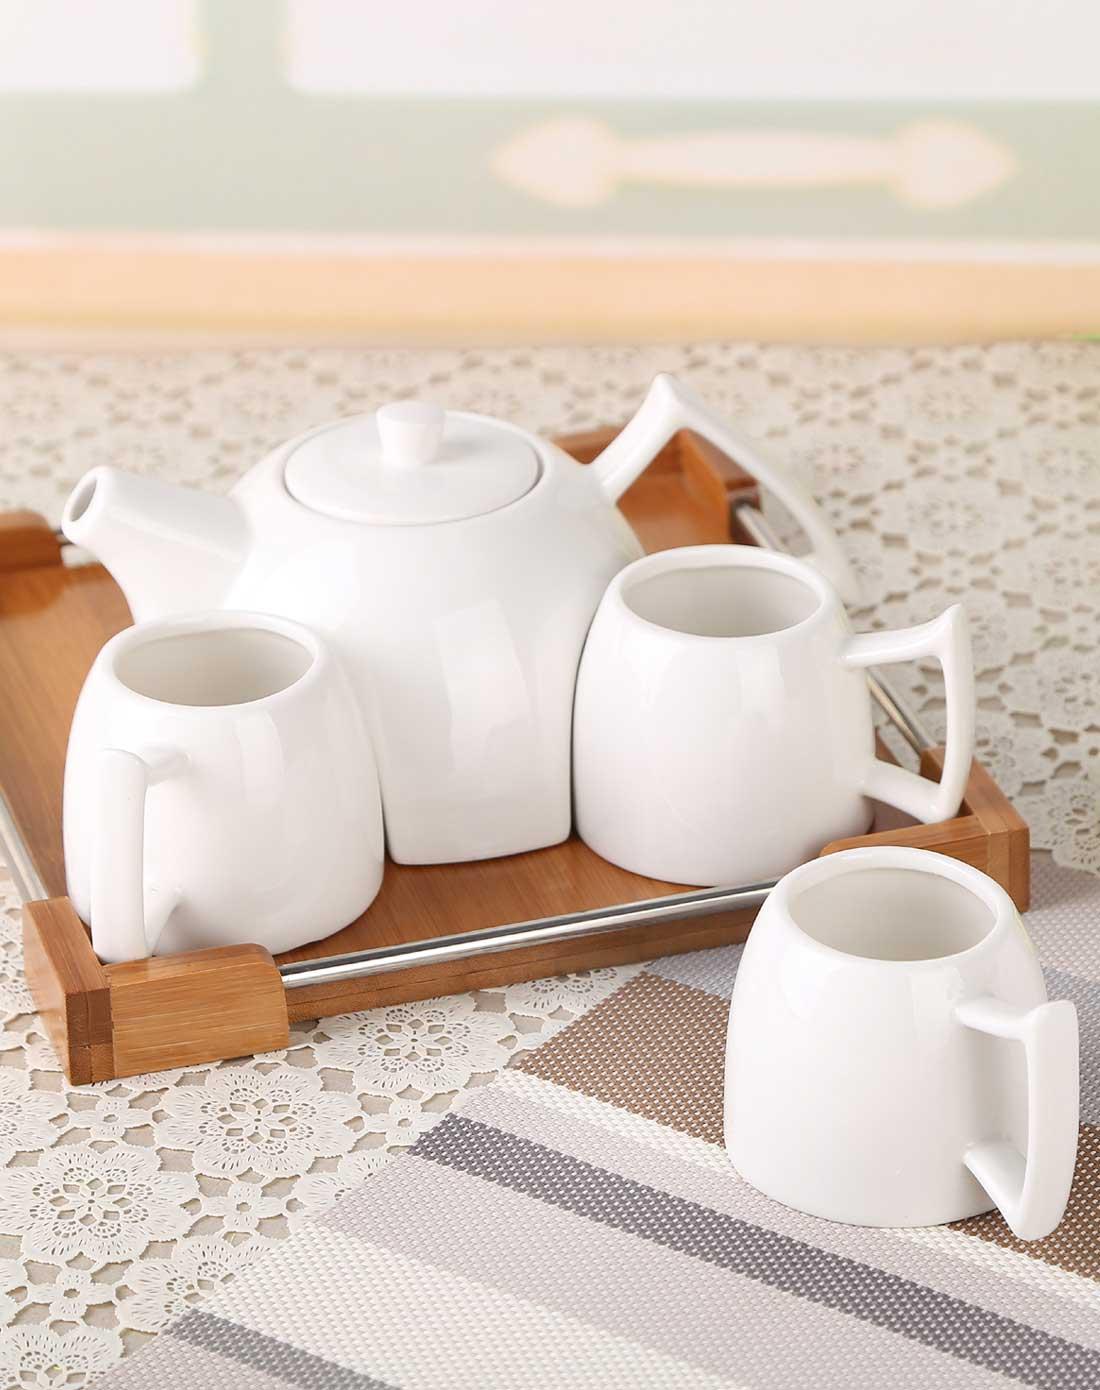 隽美家居用品专场时尚欧式茶具套装6920922100596